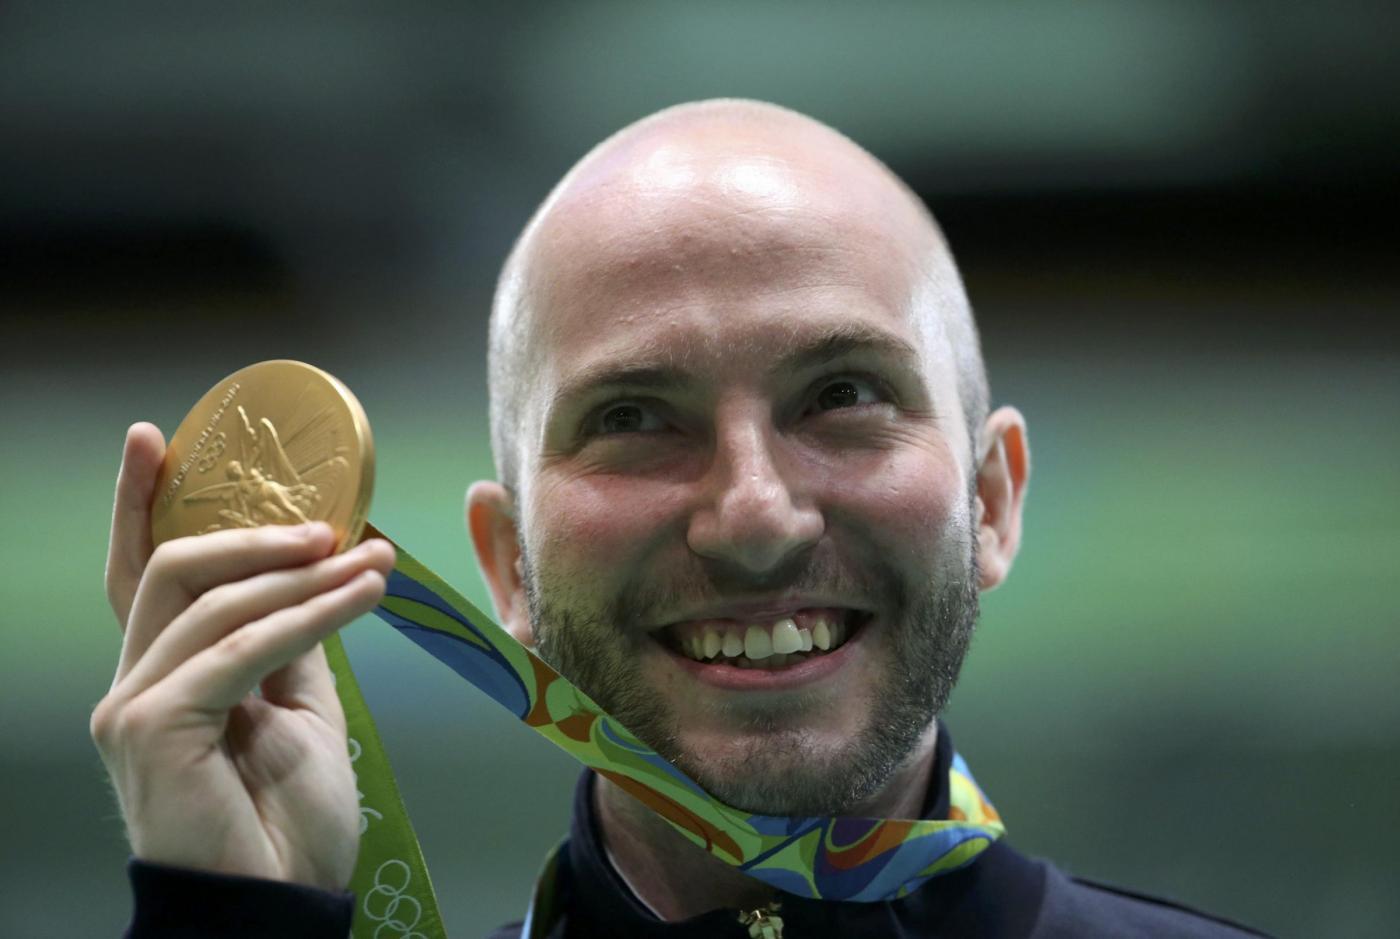 Olimpiadi 2016: Niccolò Campriani oro anche nella carabina 50 metri tre posizioni